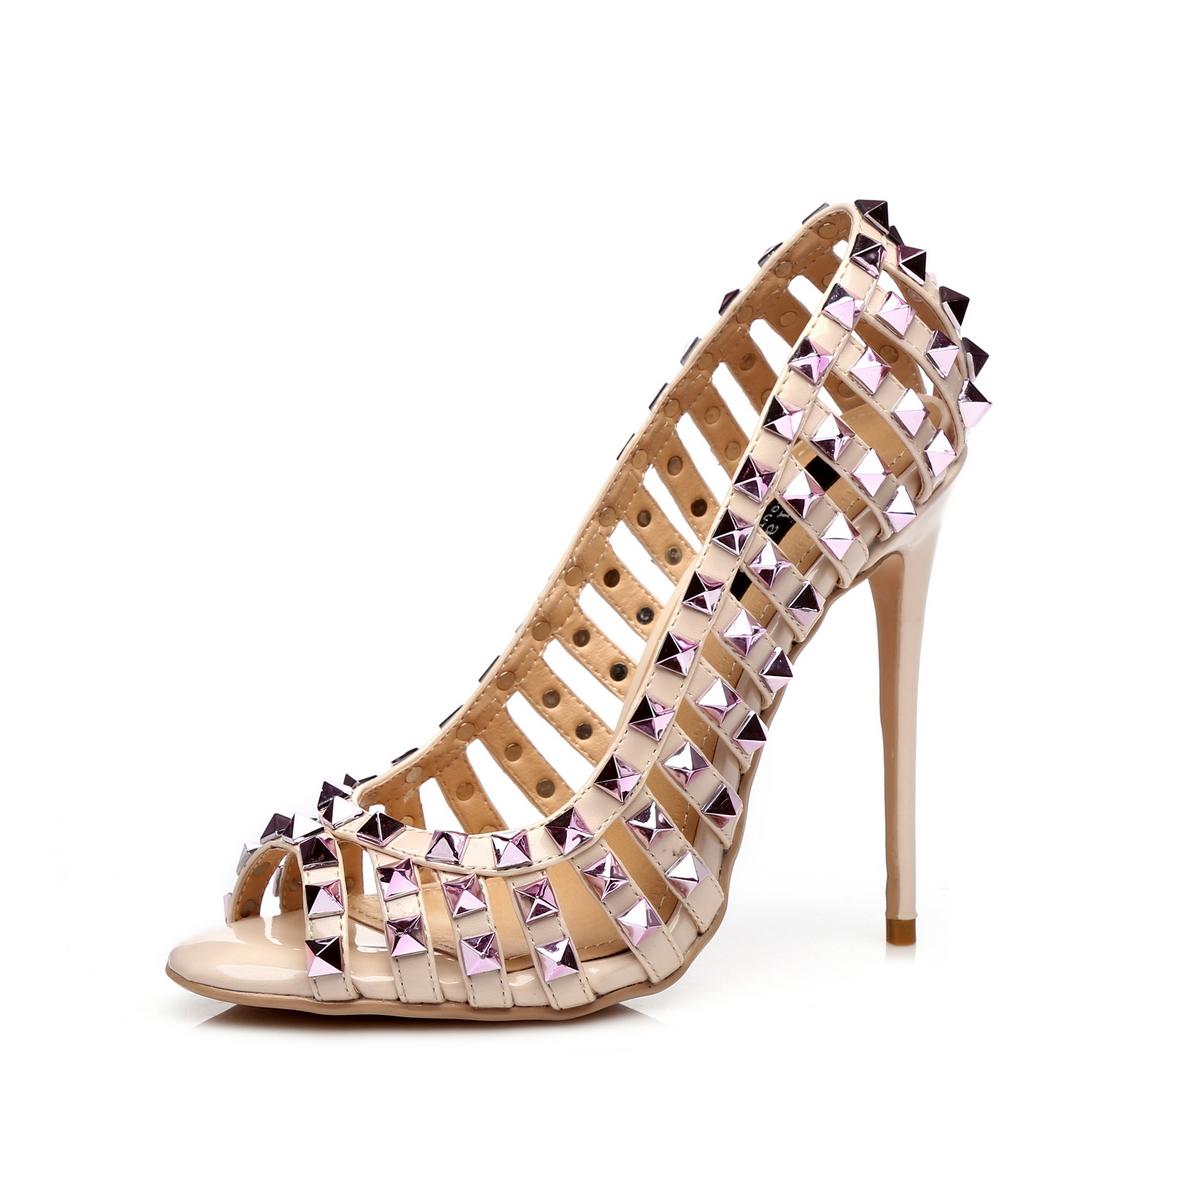 GIARO - Damen High Heel Pumps - Hautfarbend Schuhe in Übergrößen – Bild 1